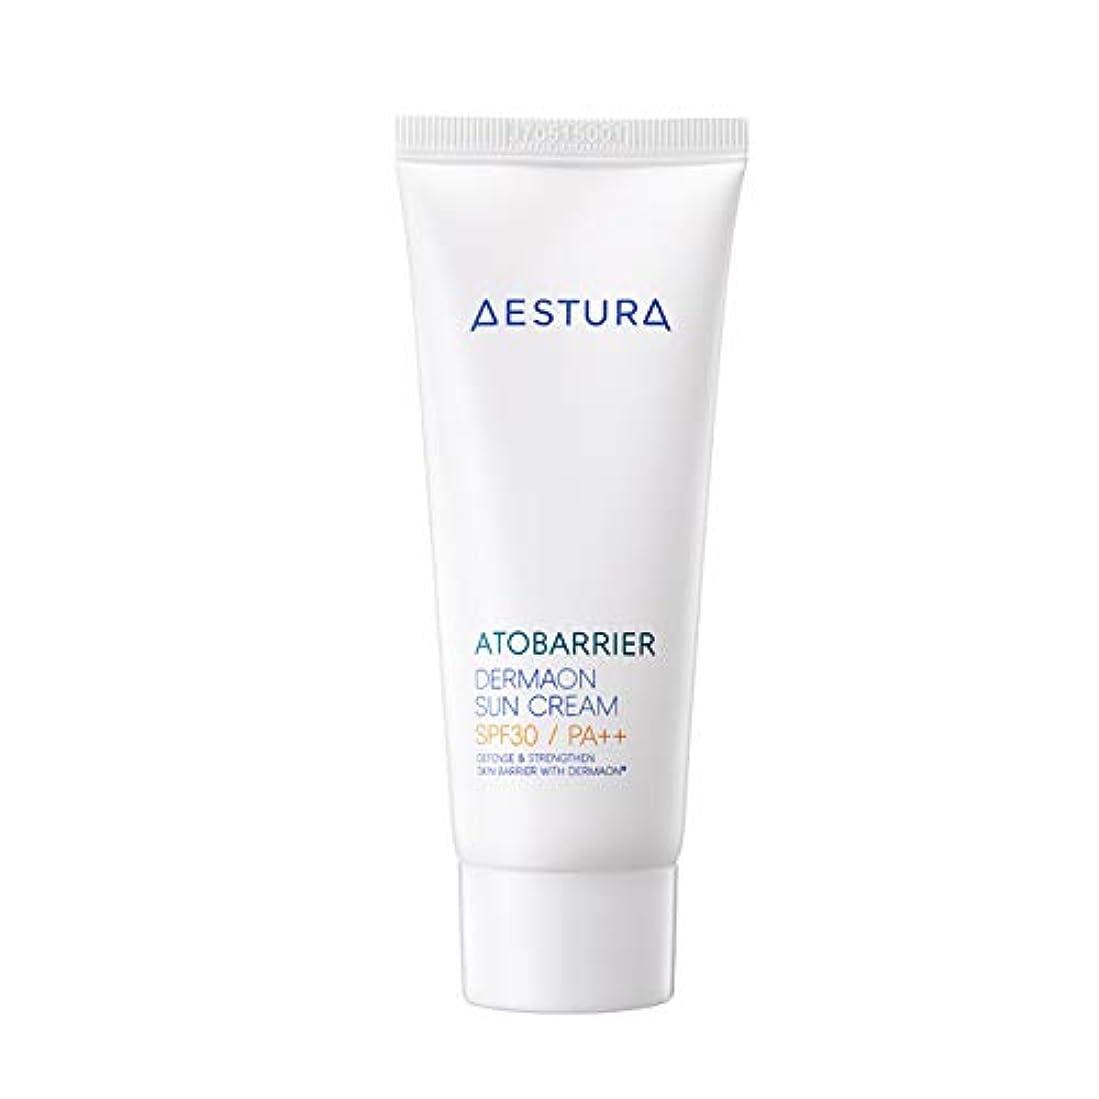 アシスト作成する義務AESTURA アトバリエ ダーマオン サンクリーム 60ml,SPF30 / PA++ Atobarrier Dermaon Sun Cream